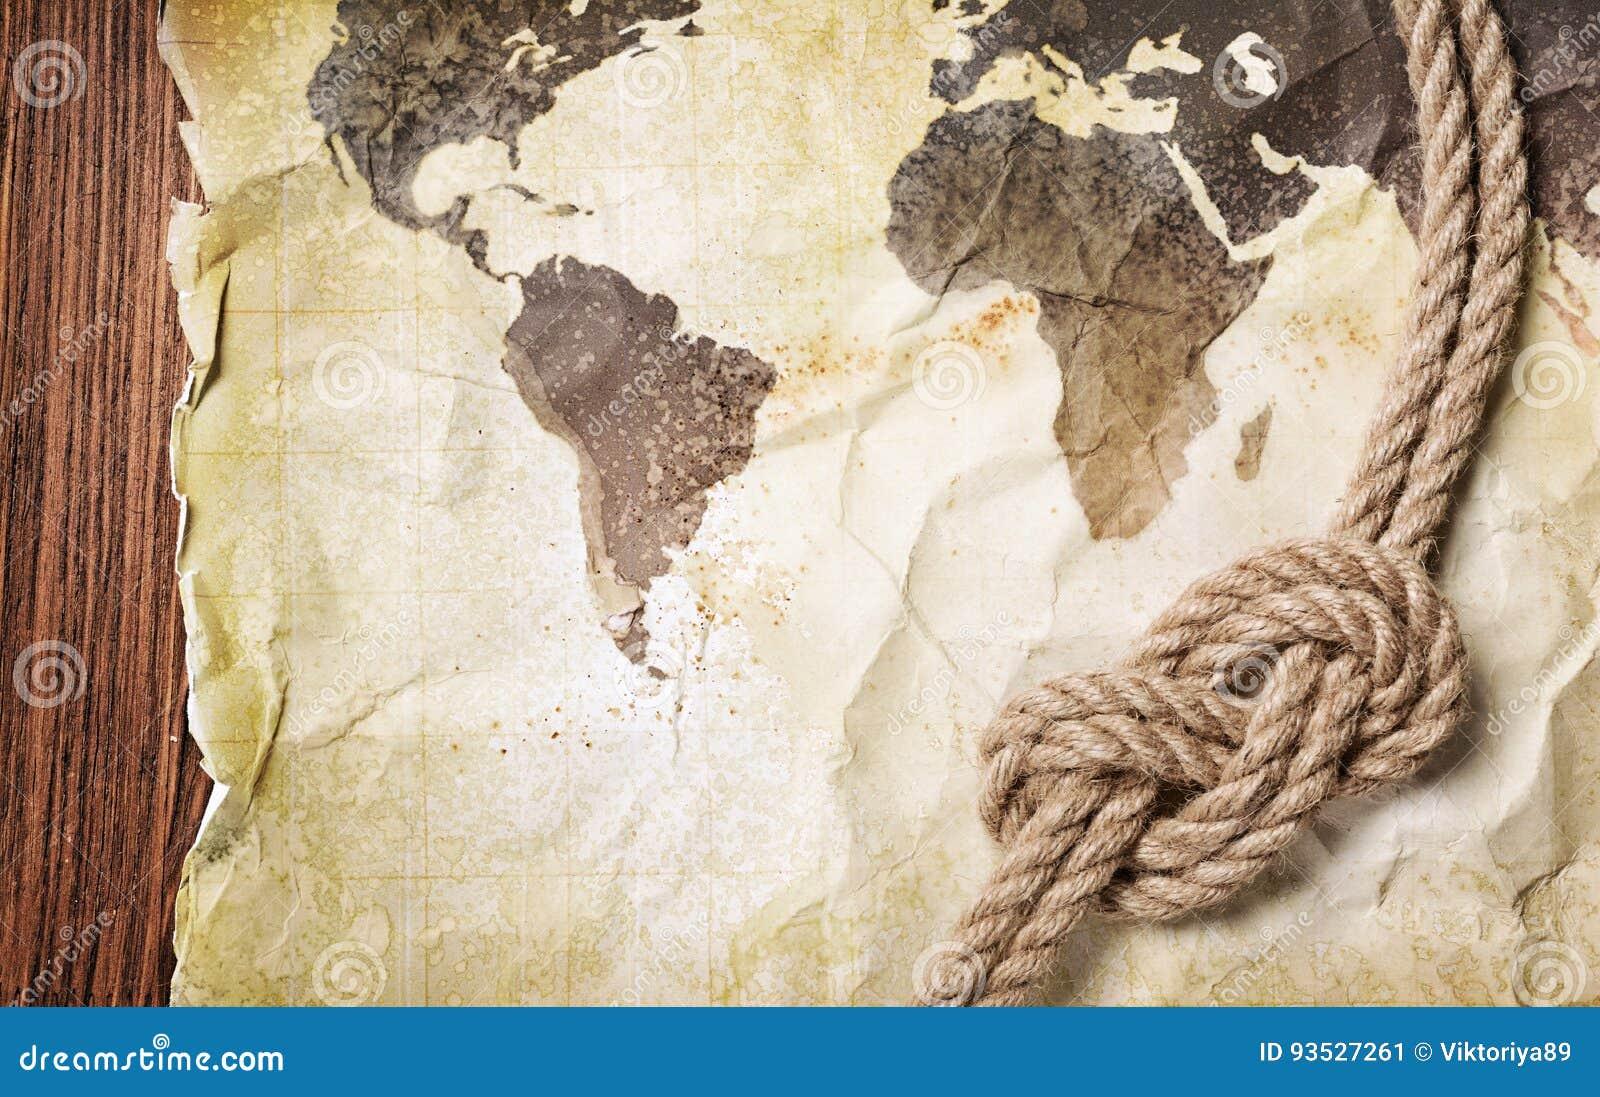 Oude uitstekende kaart van de wereld op geel retro bevlekt document met knoop van kabel